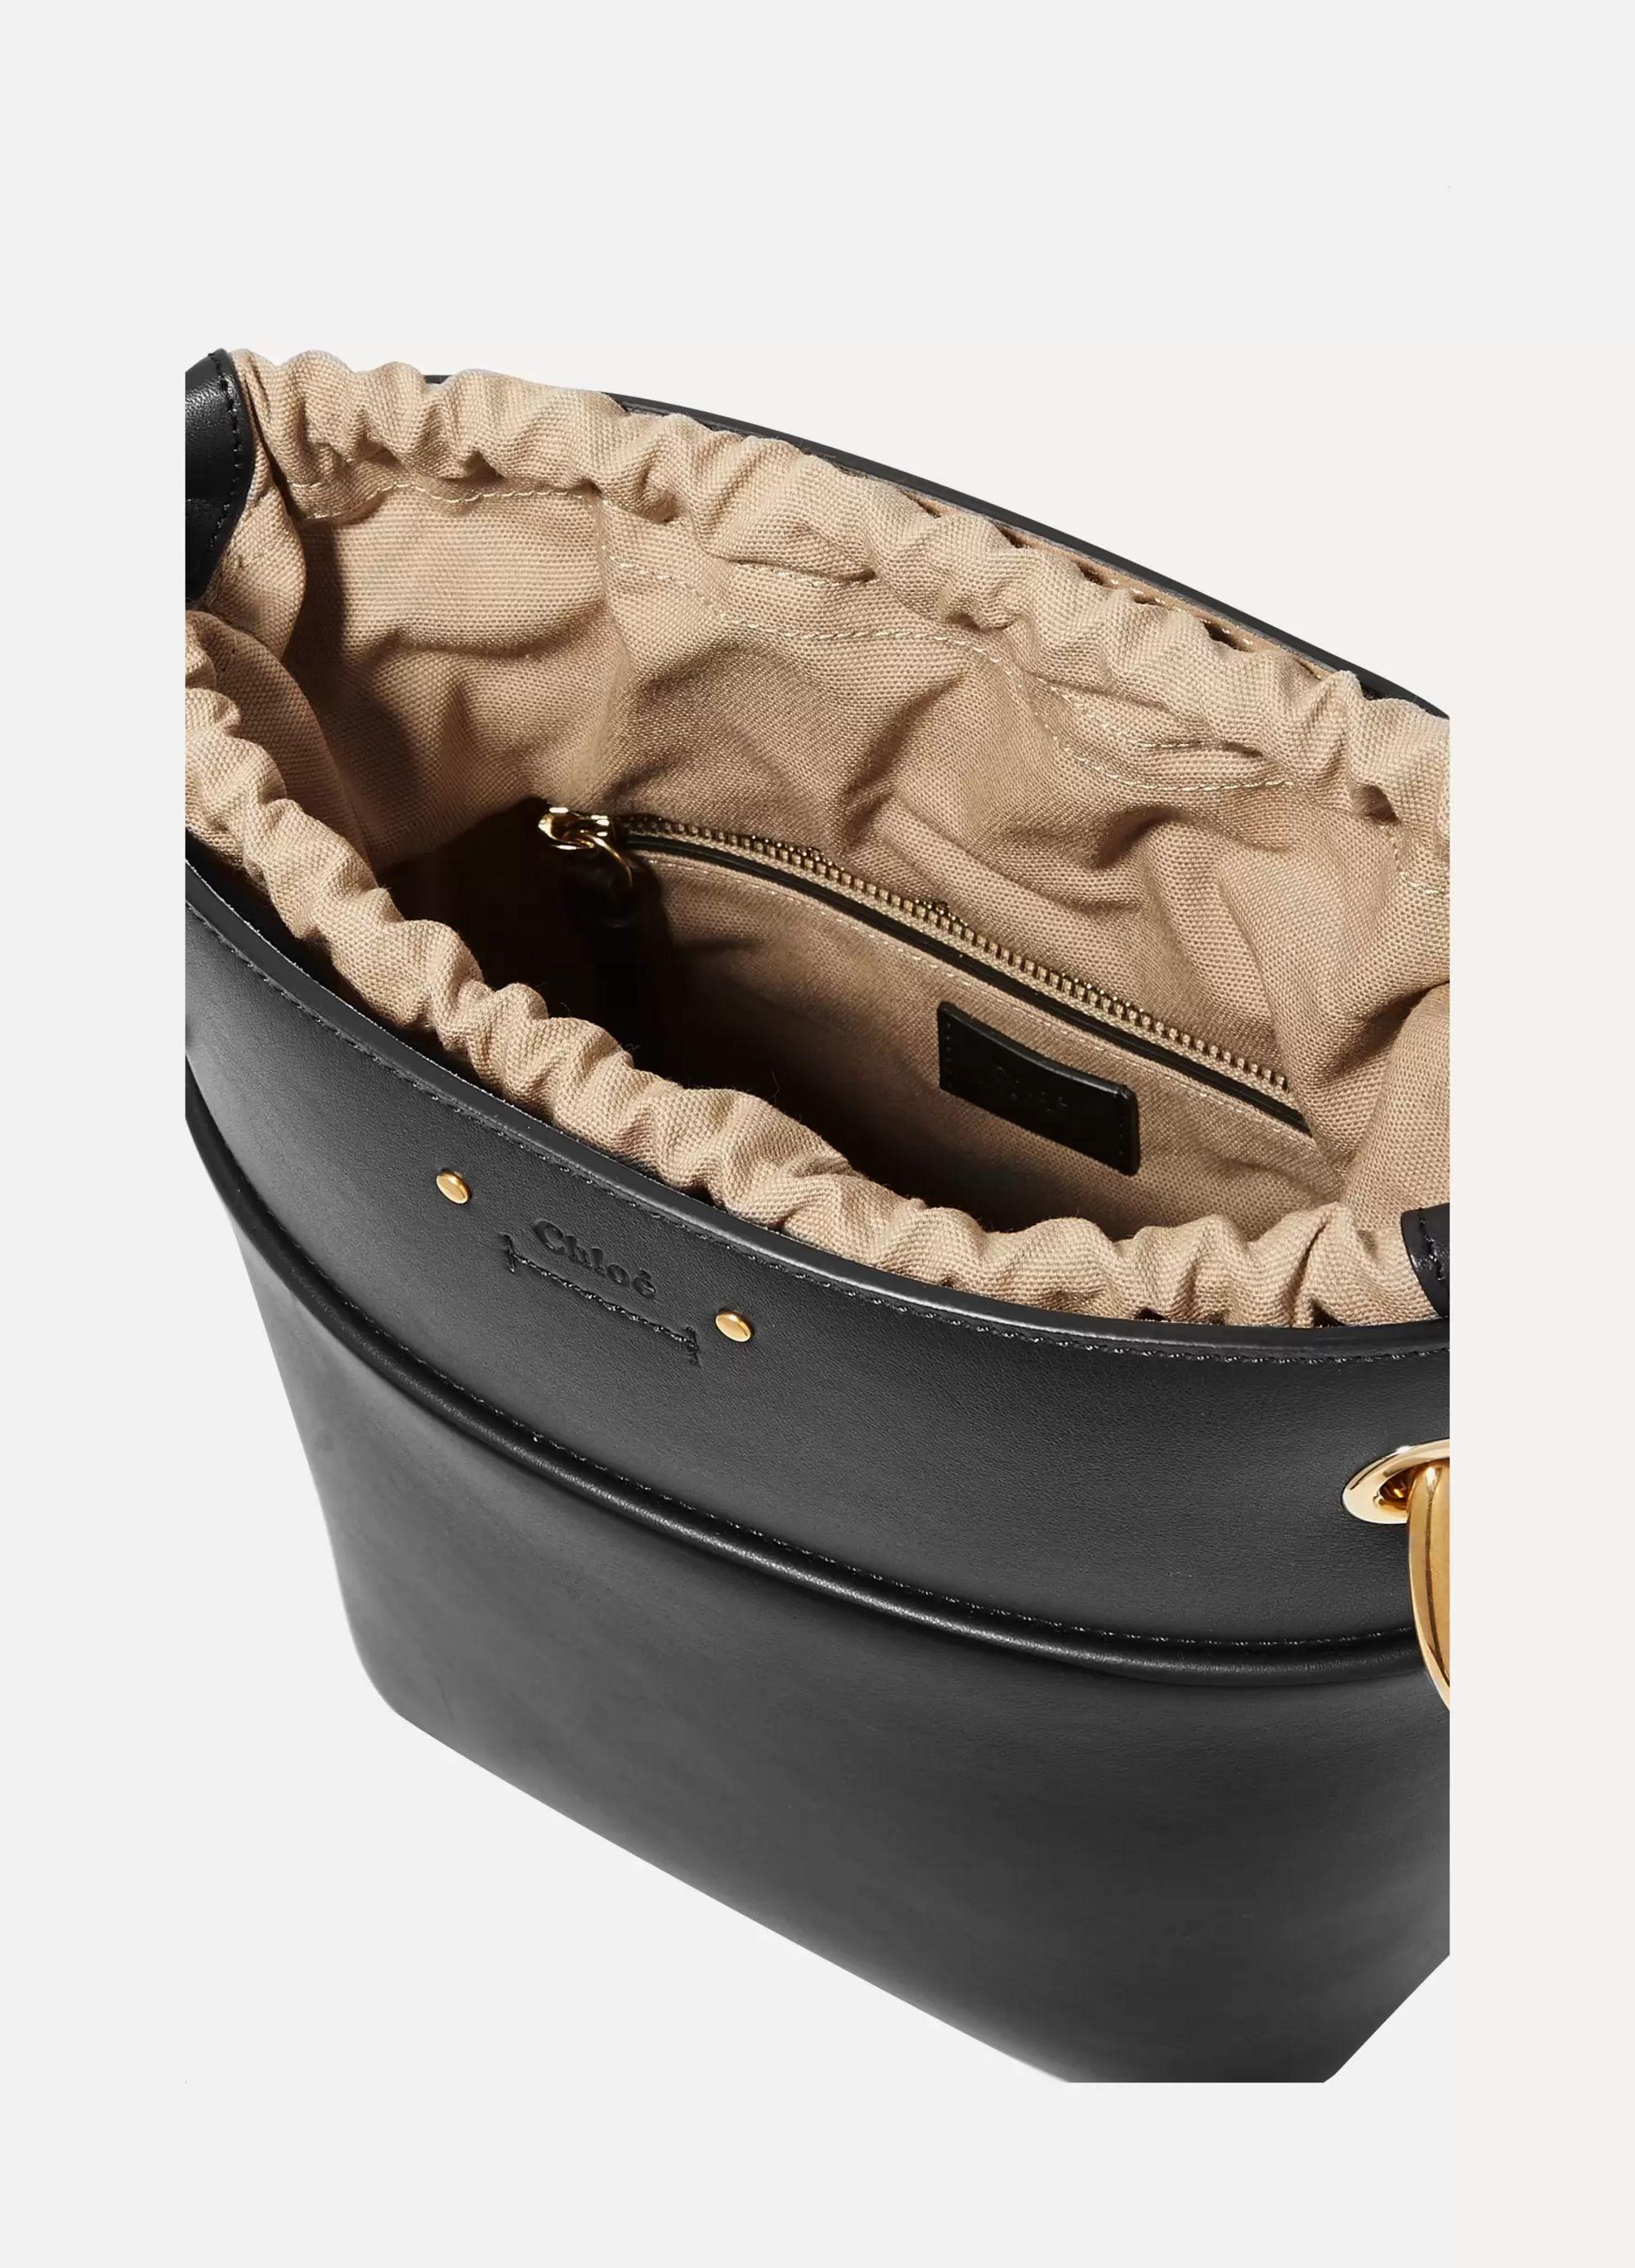 Chloé Roy small leather bucket bag